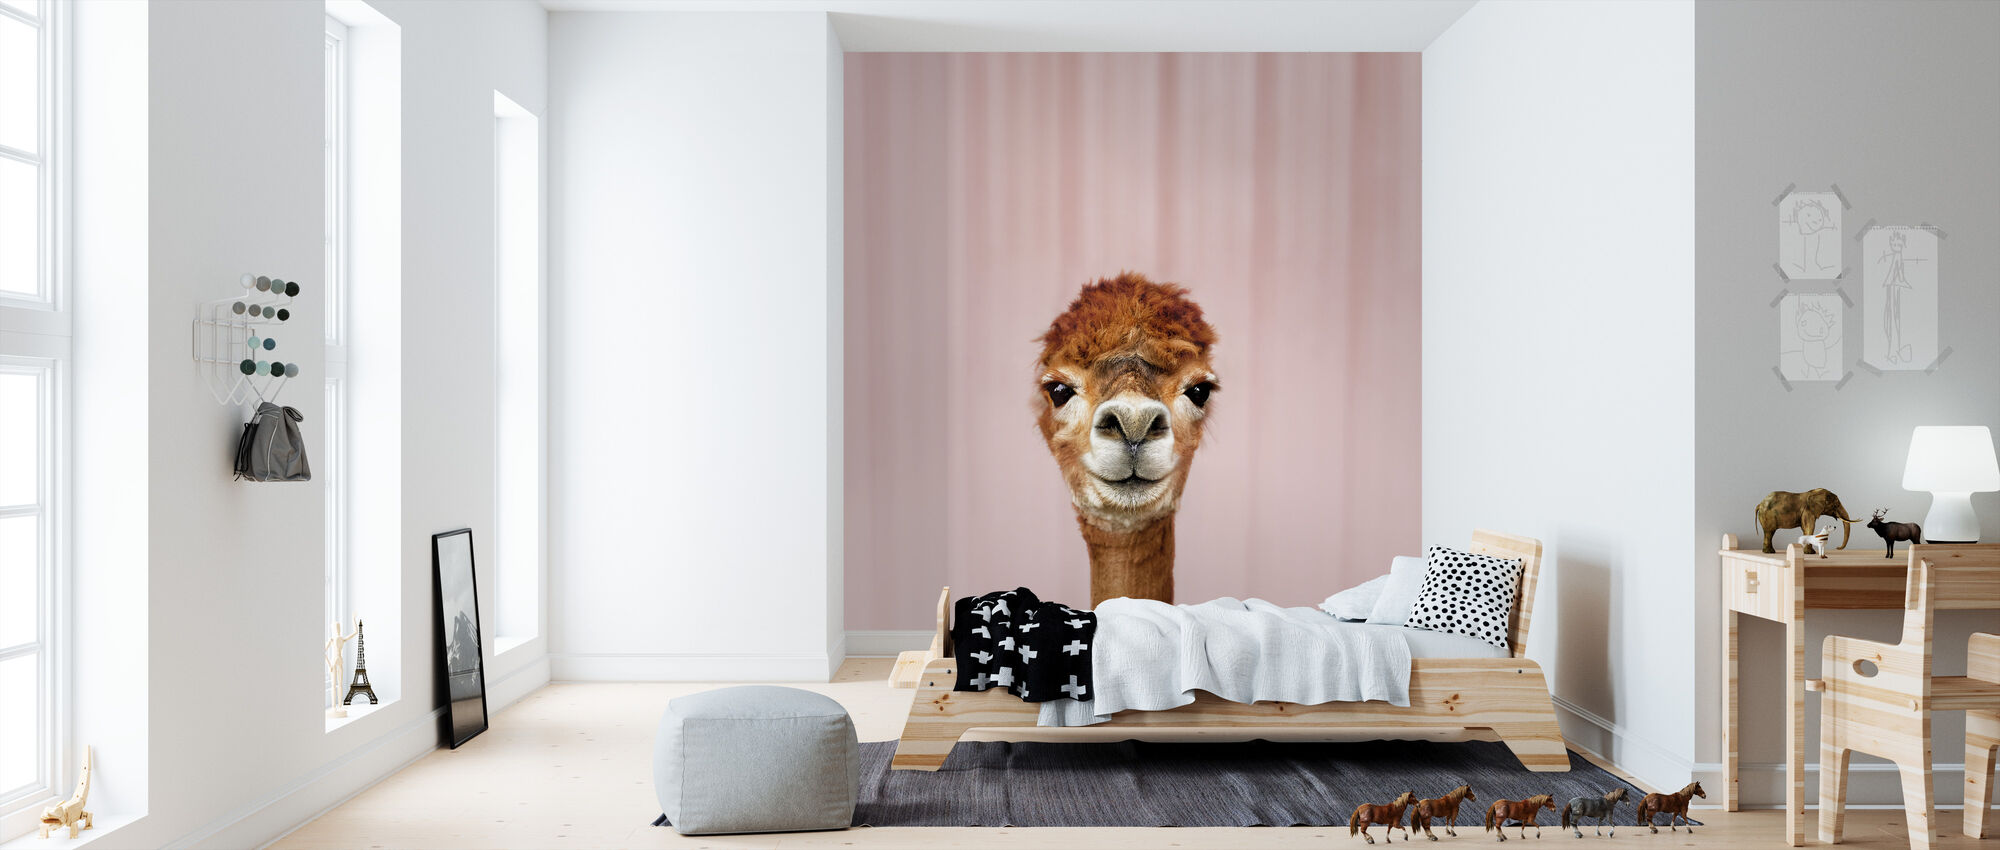 Alpaca Portrait - Wallpaper - Kids Room